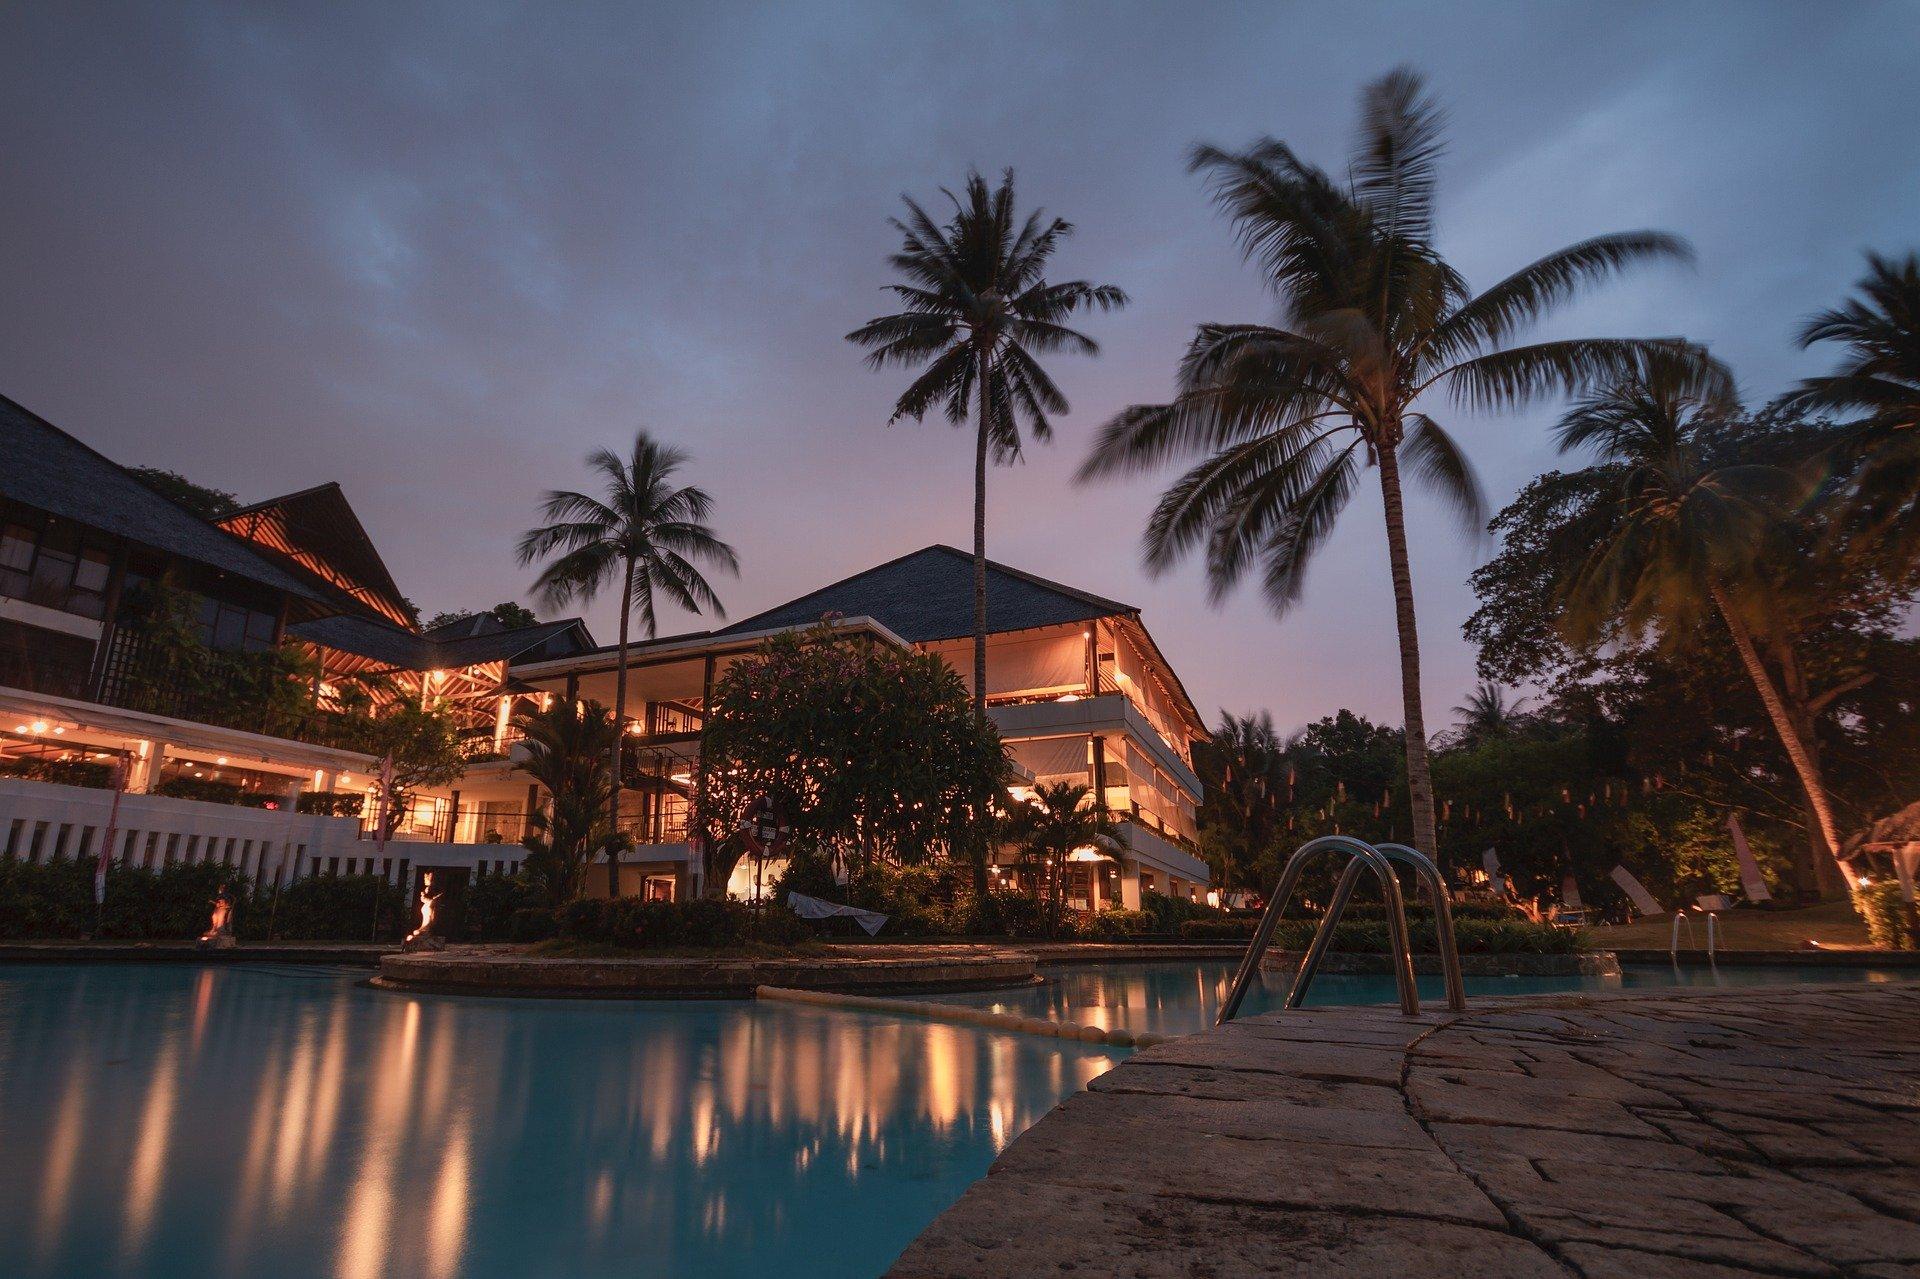 bazén a palmy